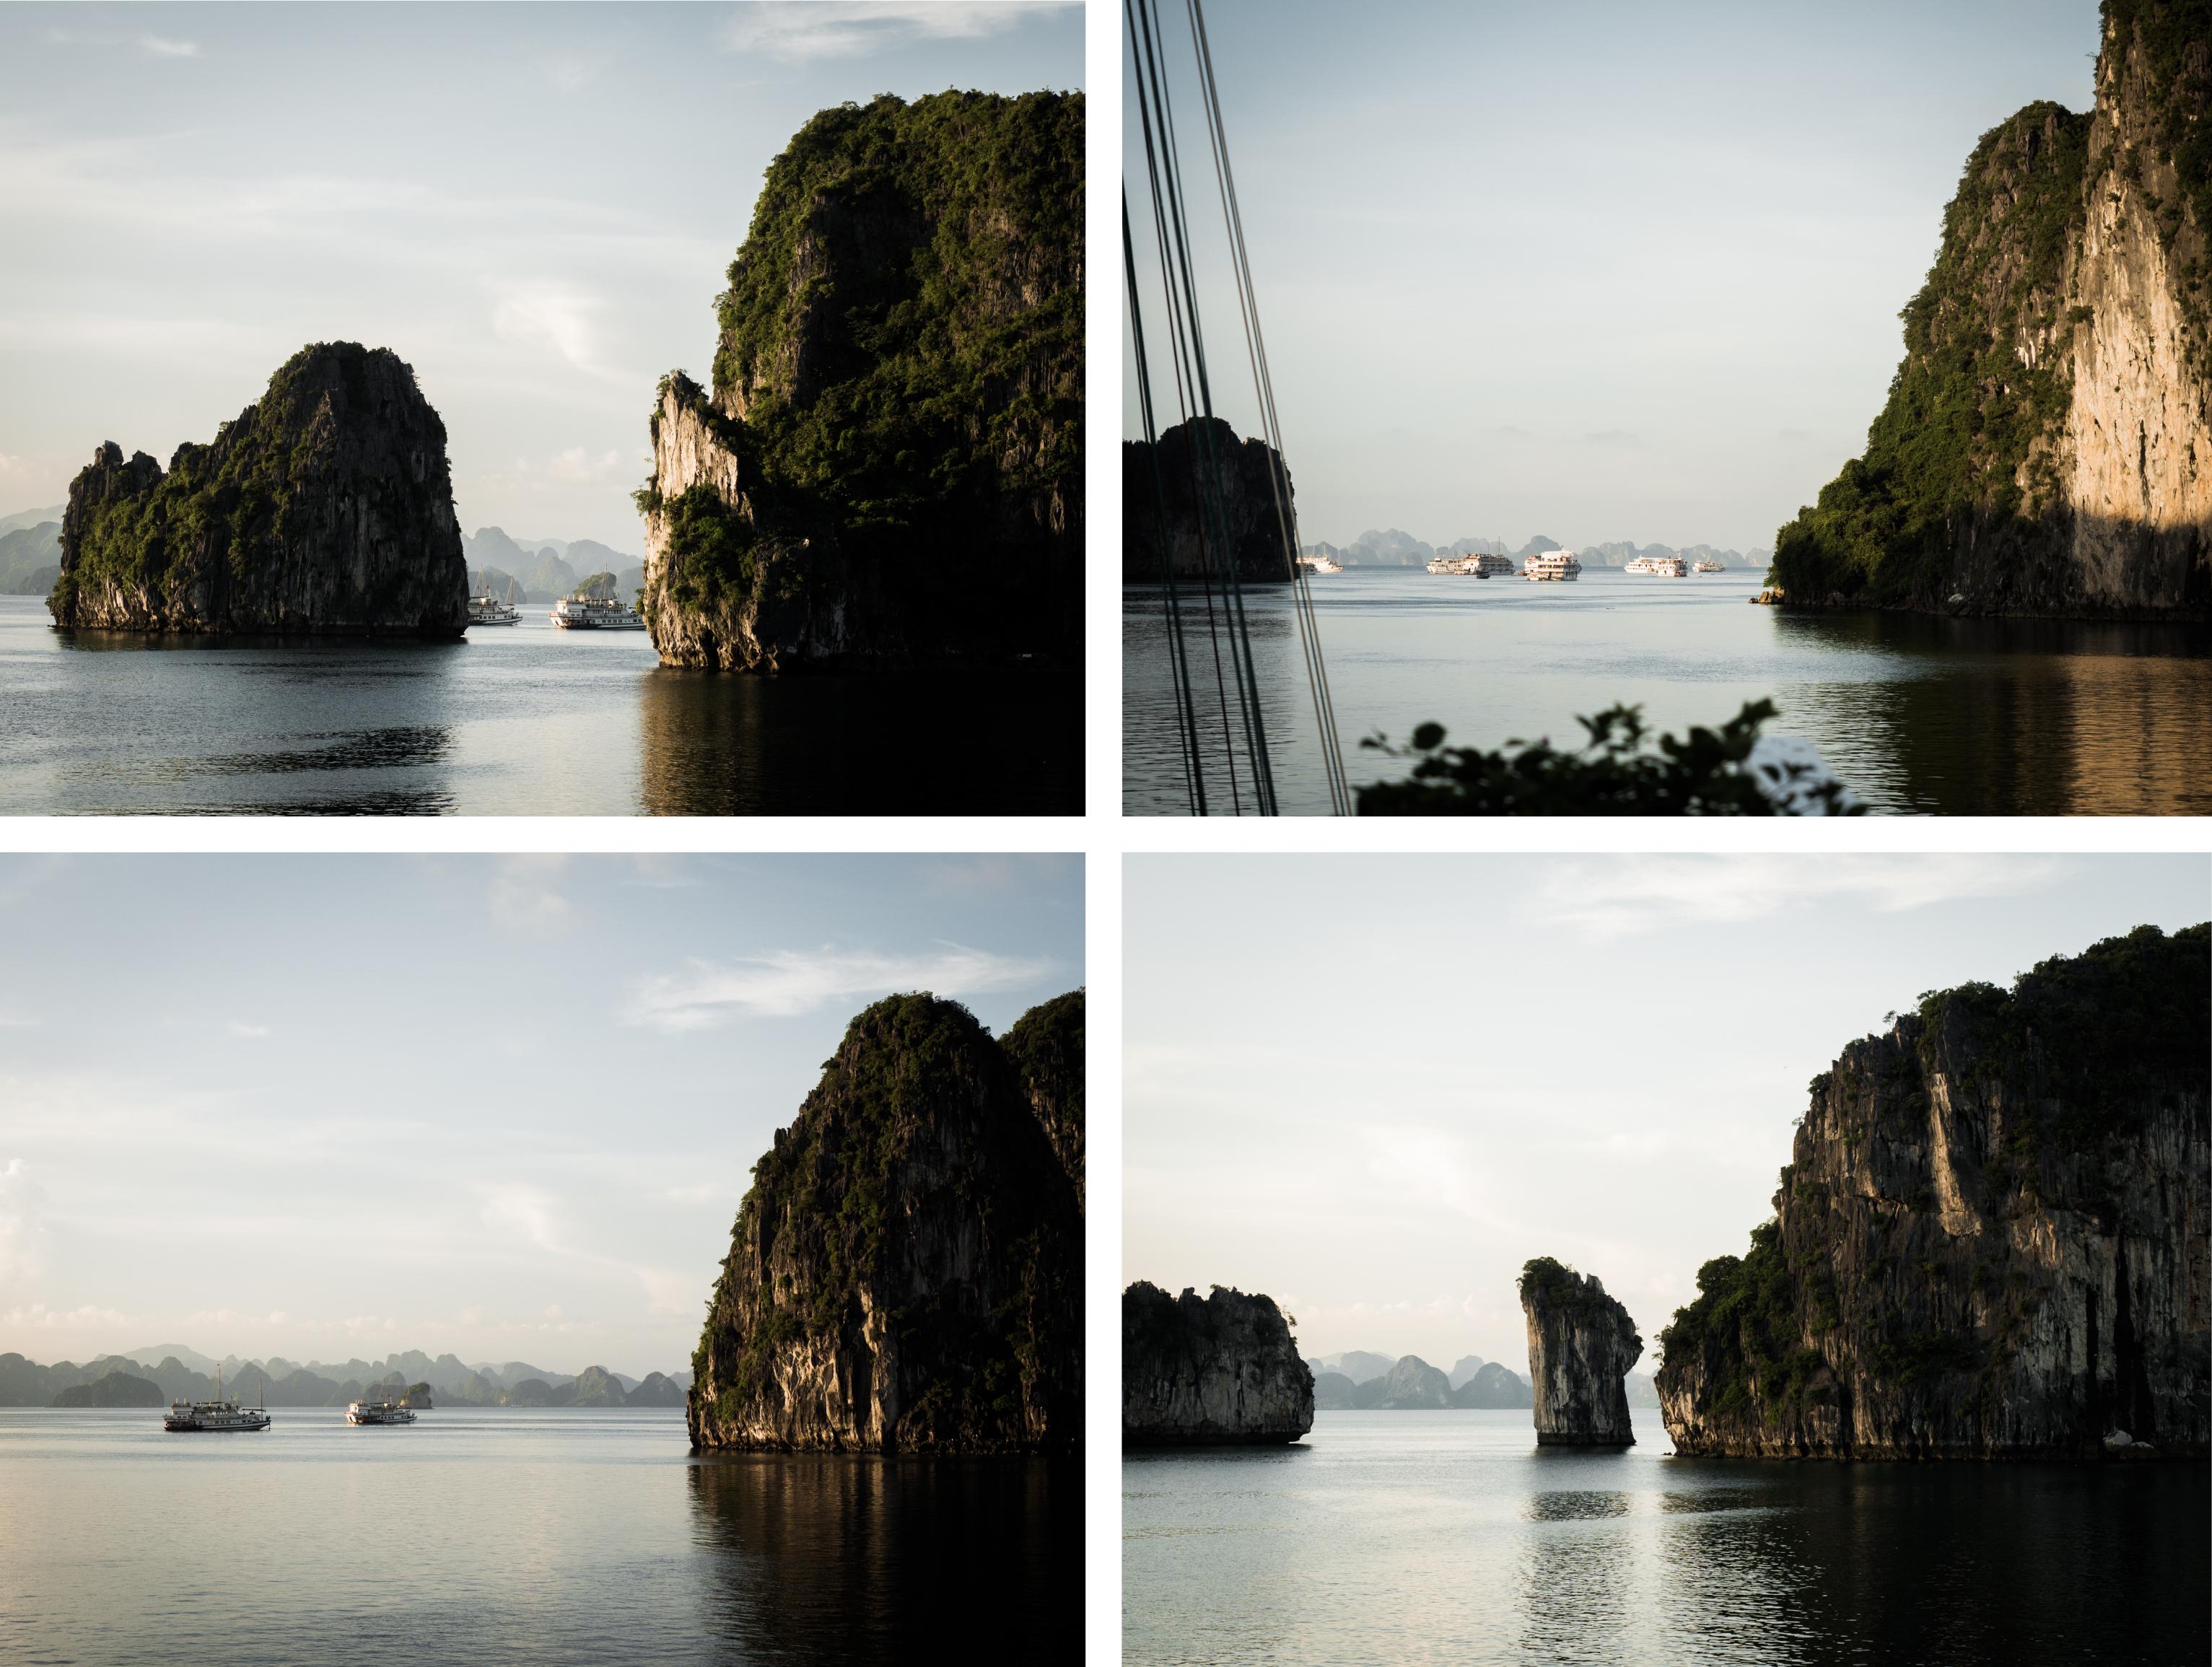 vietnam - bai tu long bay - baie d'halong - reliefs karstiques de la baie d'halong